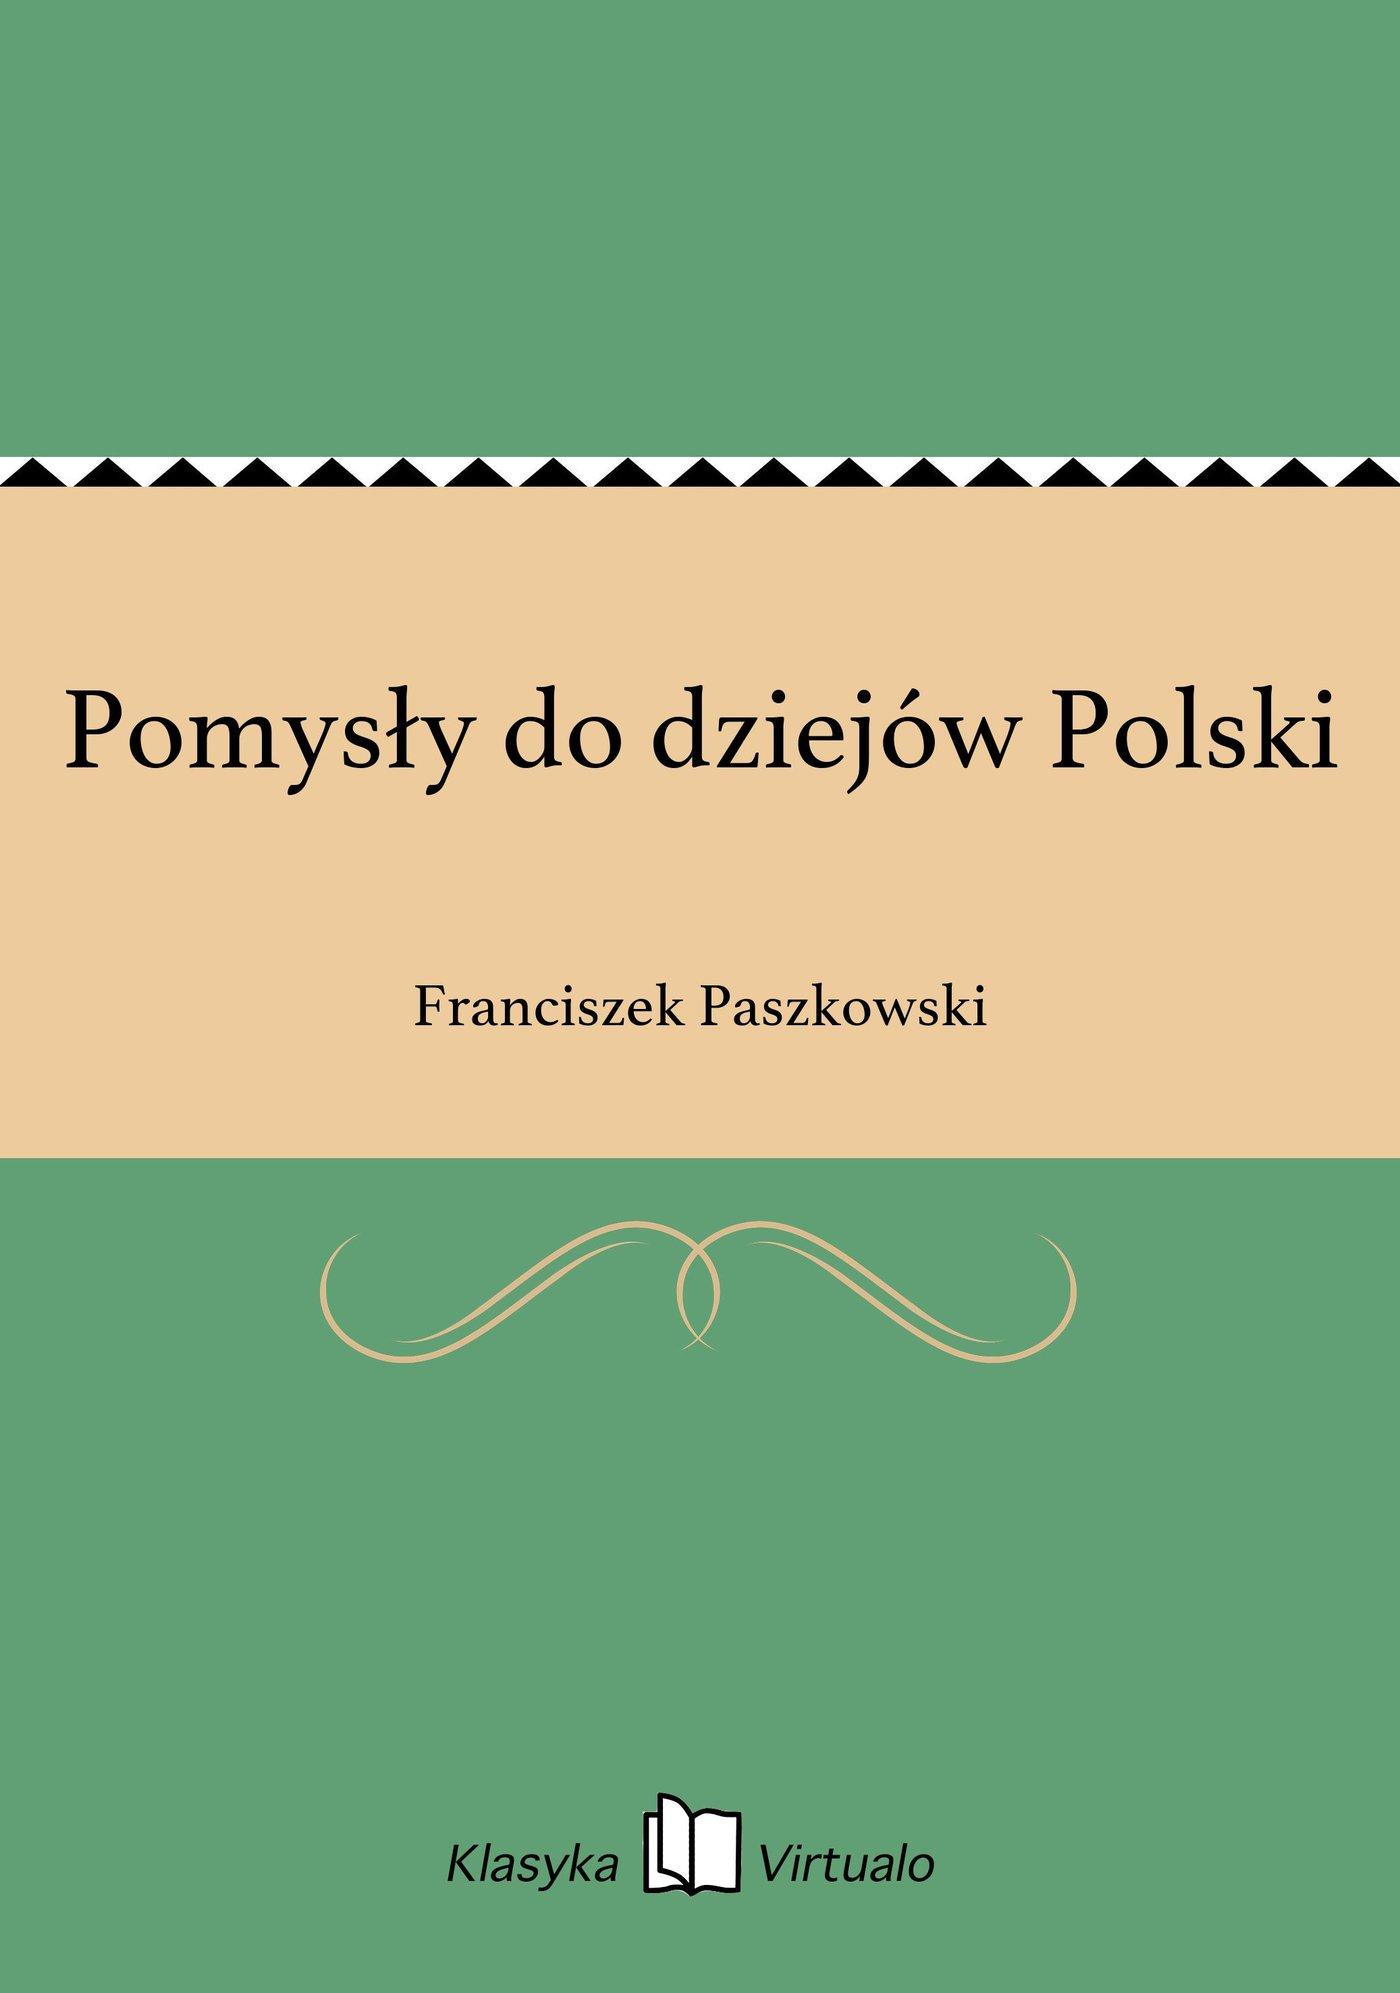 Pomysły do dziejów Polski - Ebook (Książka EPUB) do pobrania w formacie EPUB